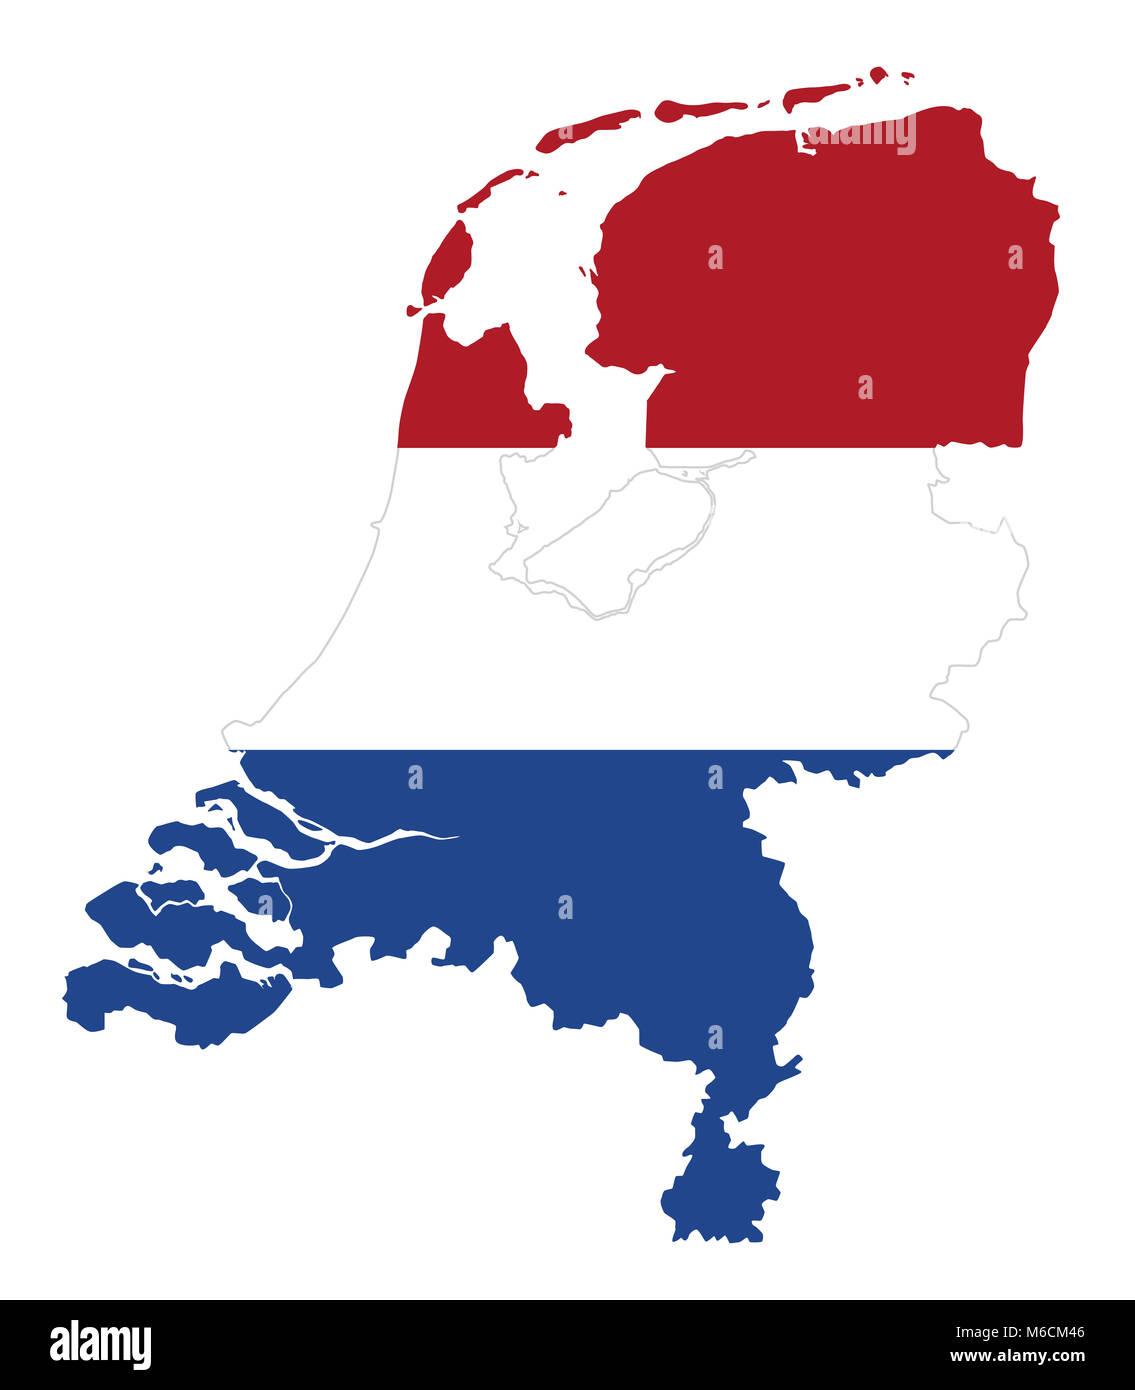 Flagge In Der Gliederung Der Niederlande. Flagge In Roten